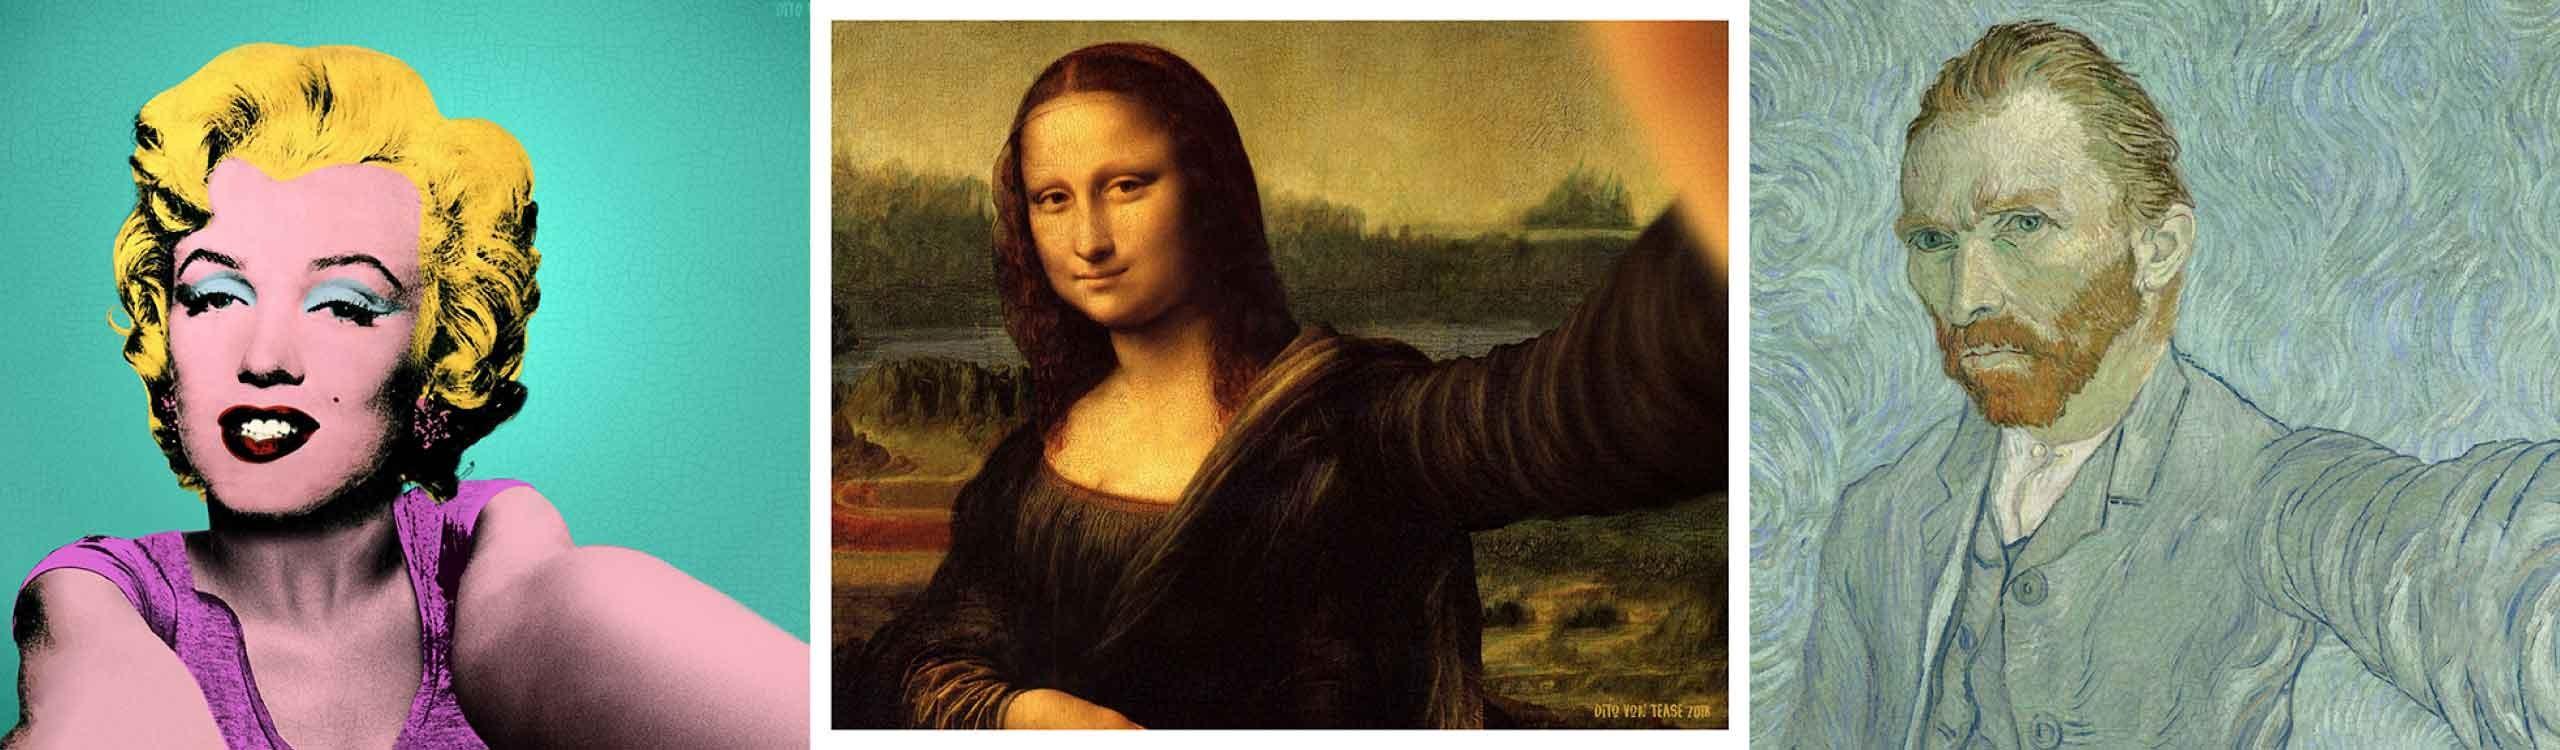 classicool, el proyecto que convierte obras de arte famosas en su versión selfie